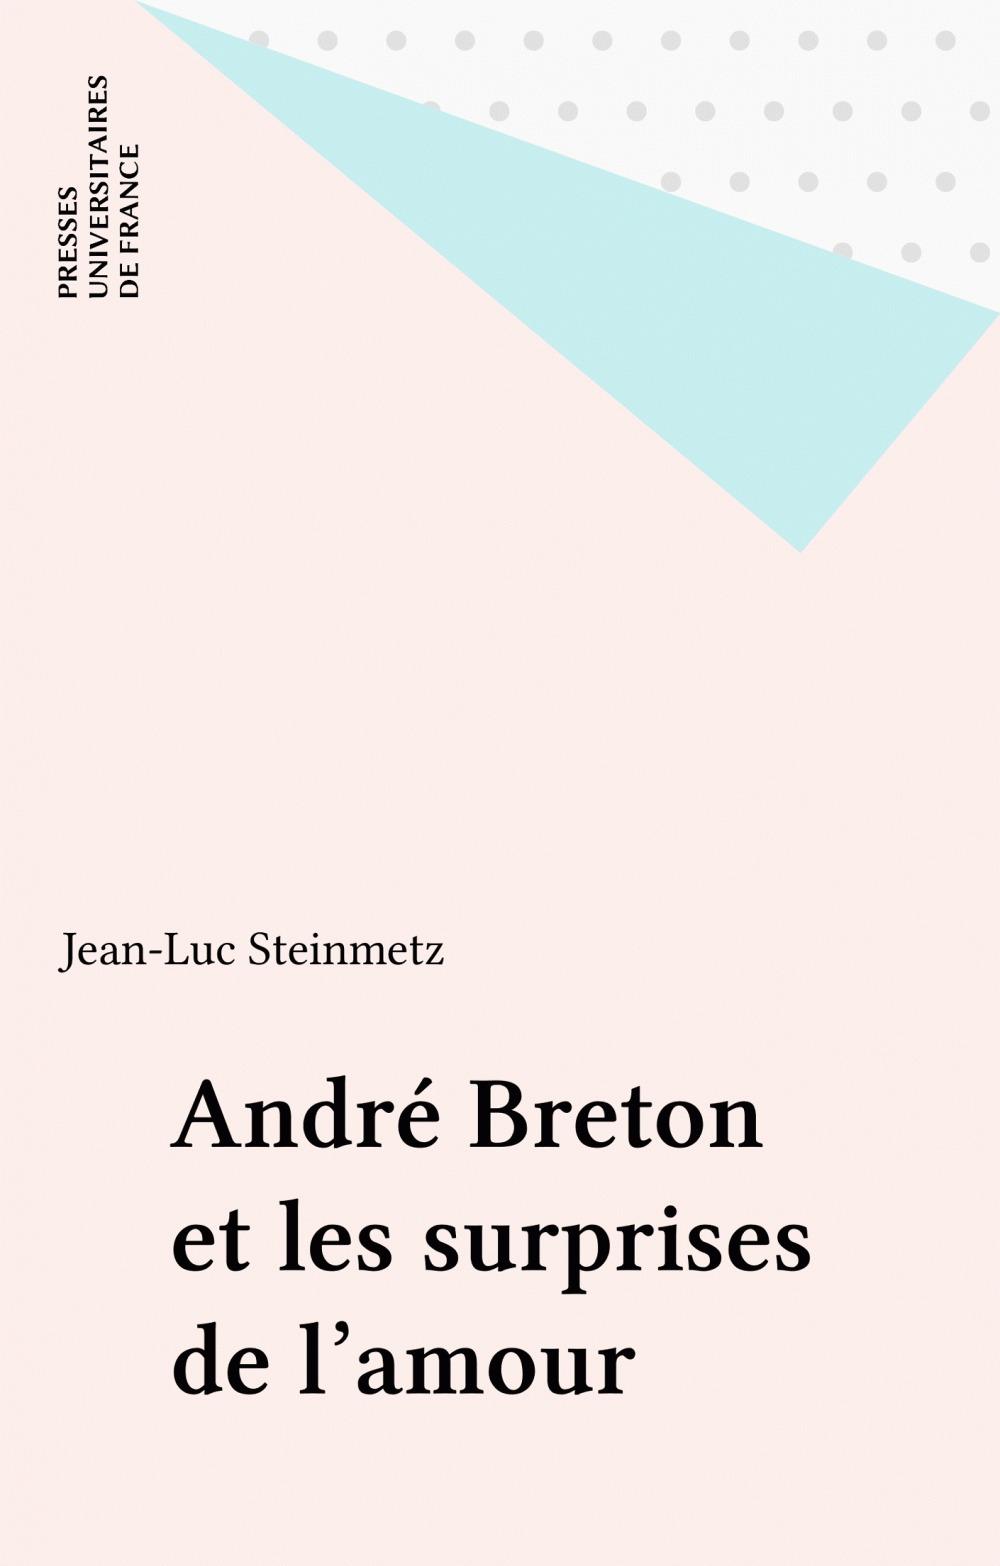 Andre breton et les surprises de l'amour fou